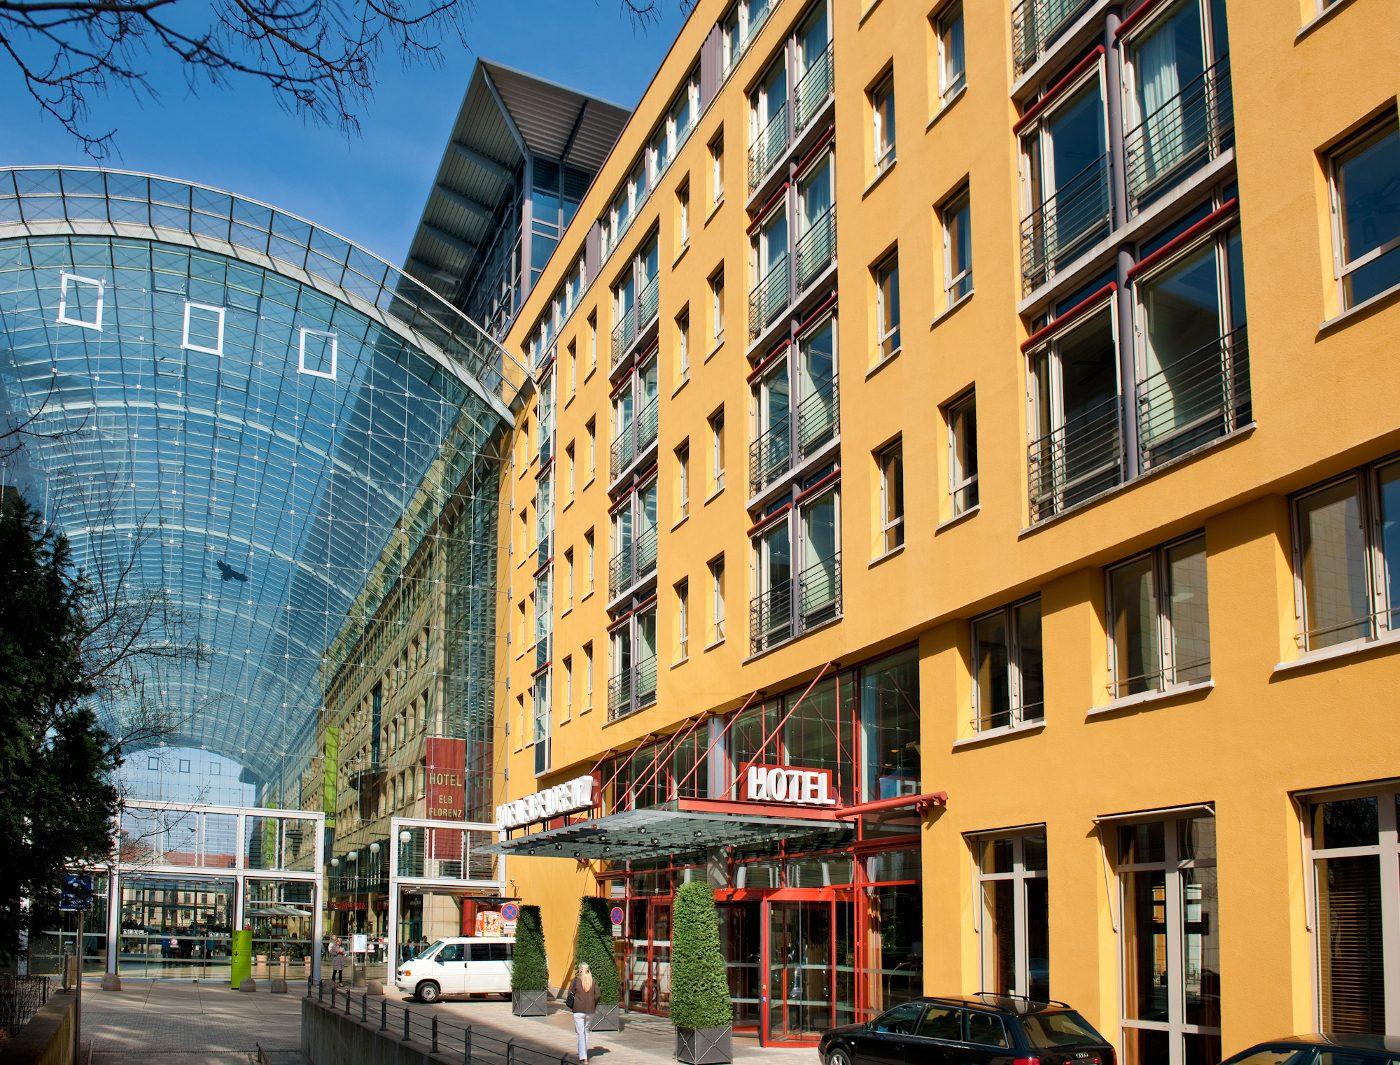 Individualreise nach dresden musikalische h hepunkte for Dresden hotel zentrum